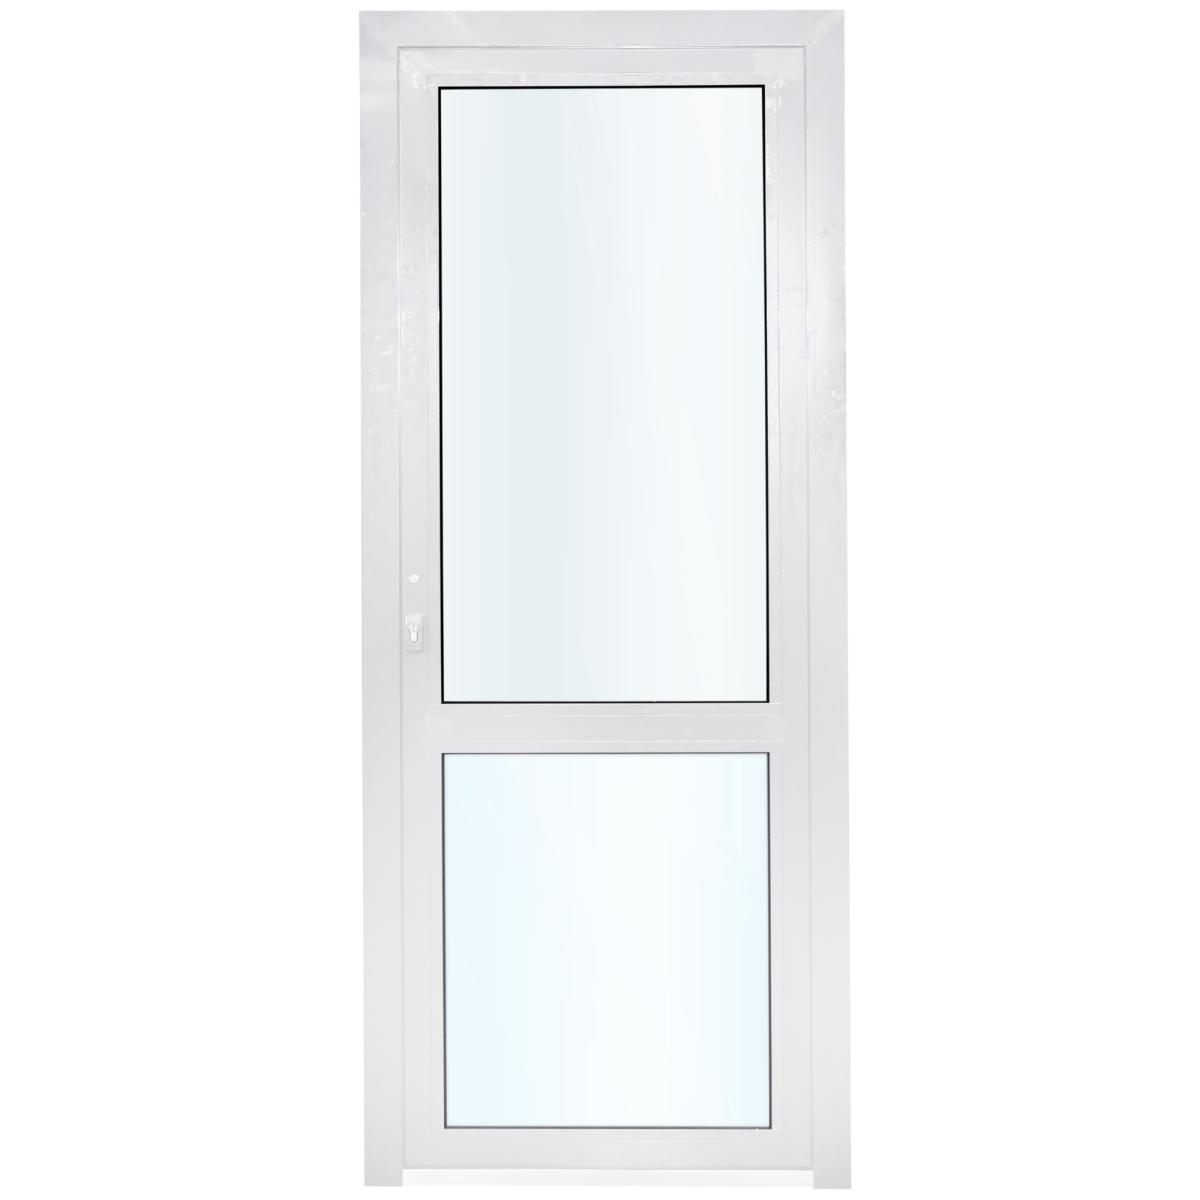 Алюминиевое ограждение балкона левое 210x90 см белый